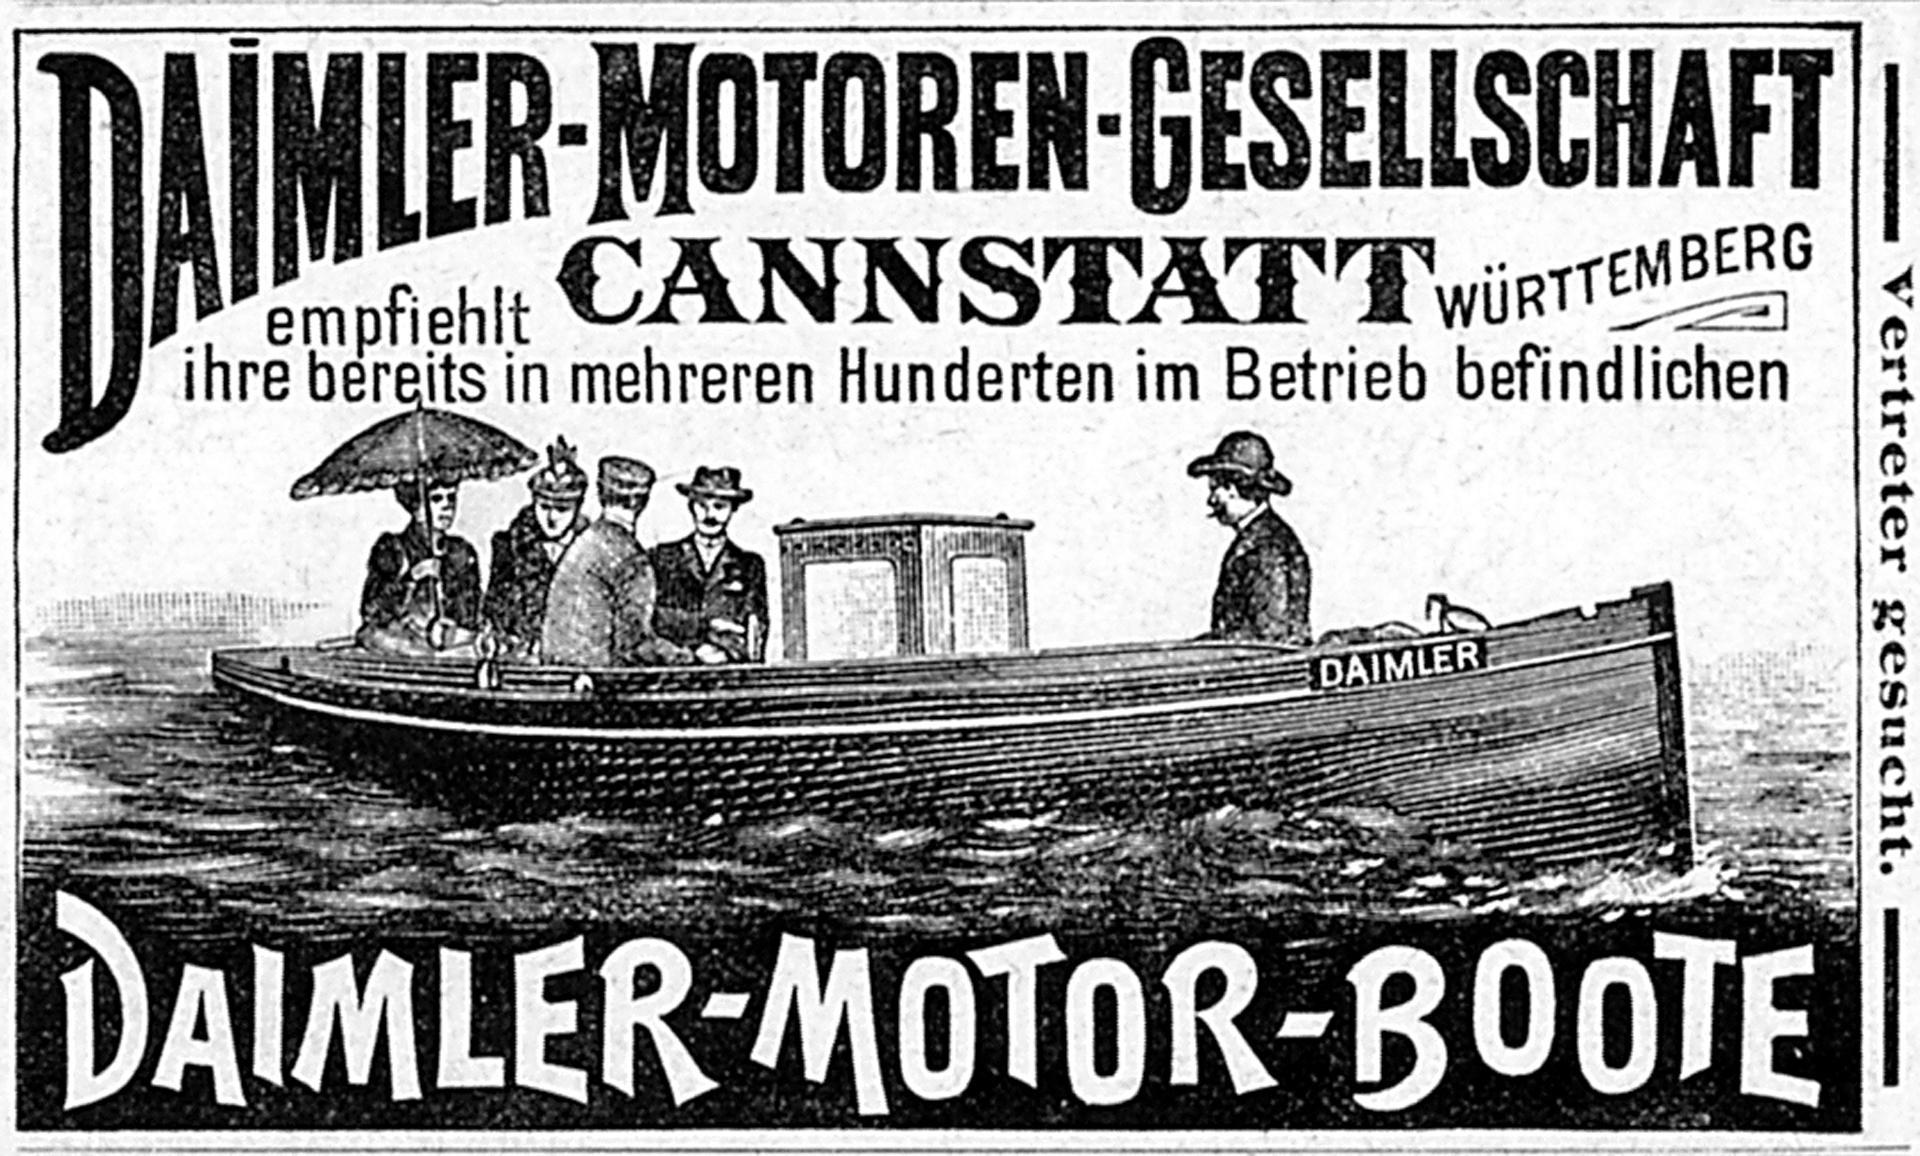 """Werbeanzeige der Daimler-Motoren-Gesellschaft aus dem Jahr 1894 für """"ihre bereits in mehreren Hunderten im Betrieb befindlichen Daimler-Motor-Boote"""", erschienen in der humoristischen illustrierten Wochenschrift """"Fliegende Blätter""""."""